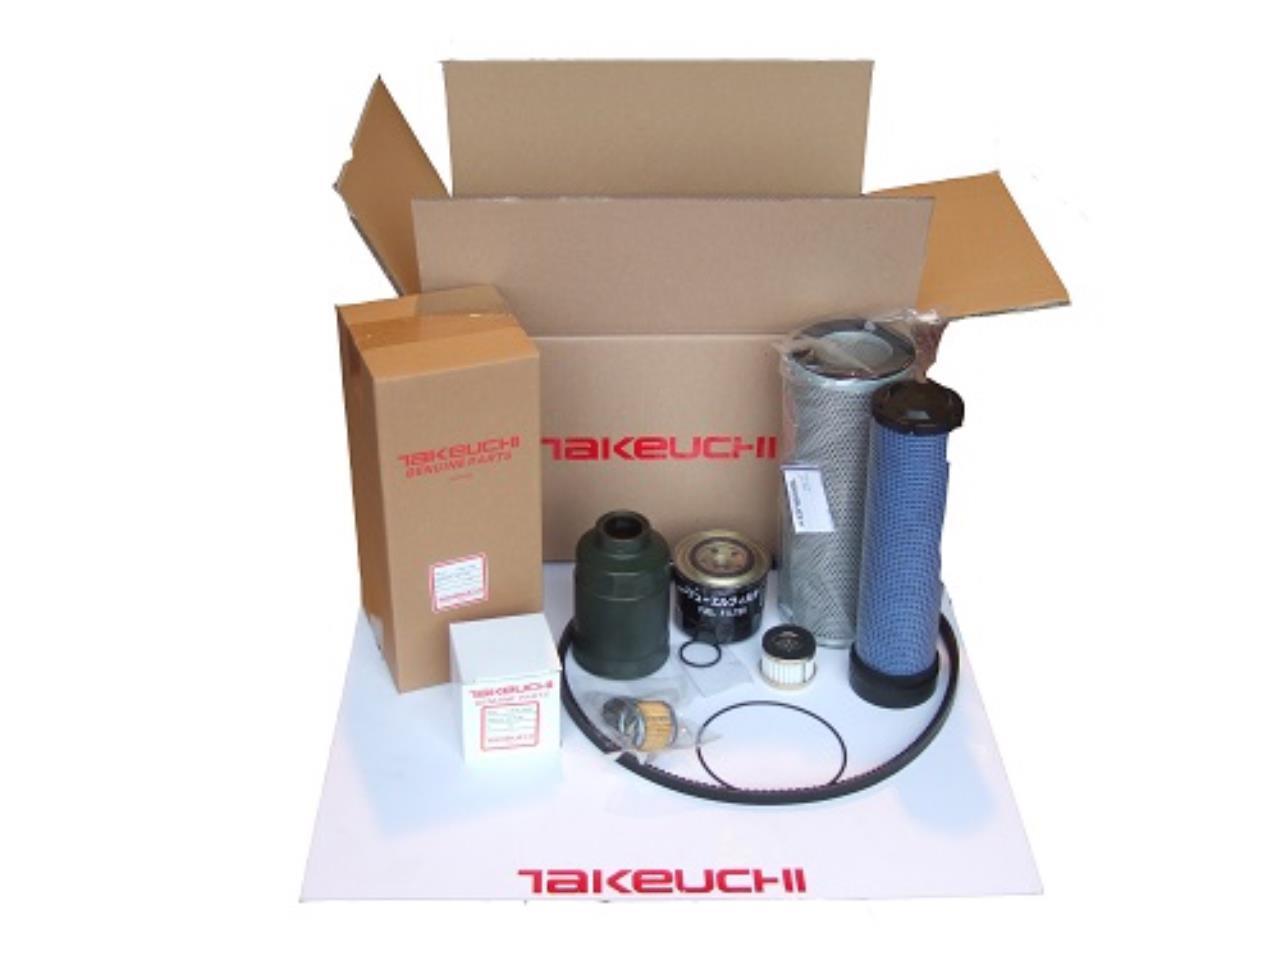 Takeuchi TB108F filtersæt